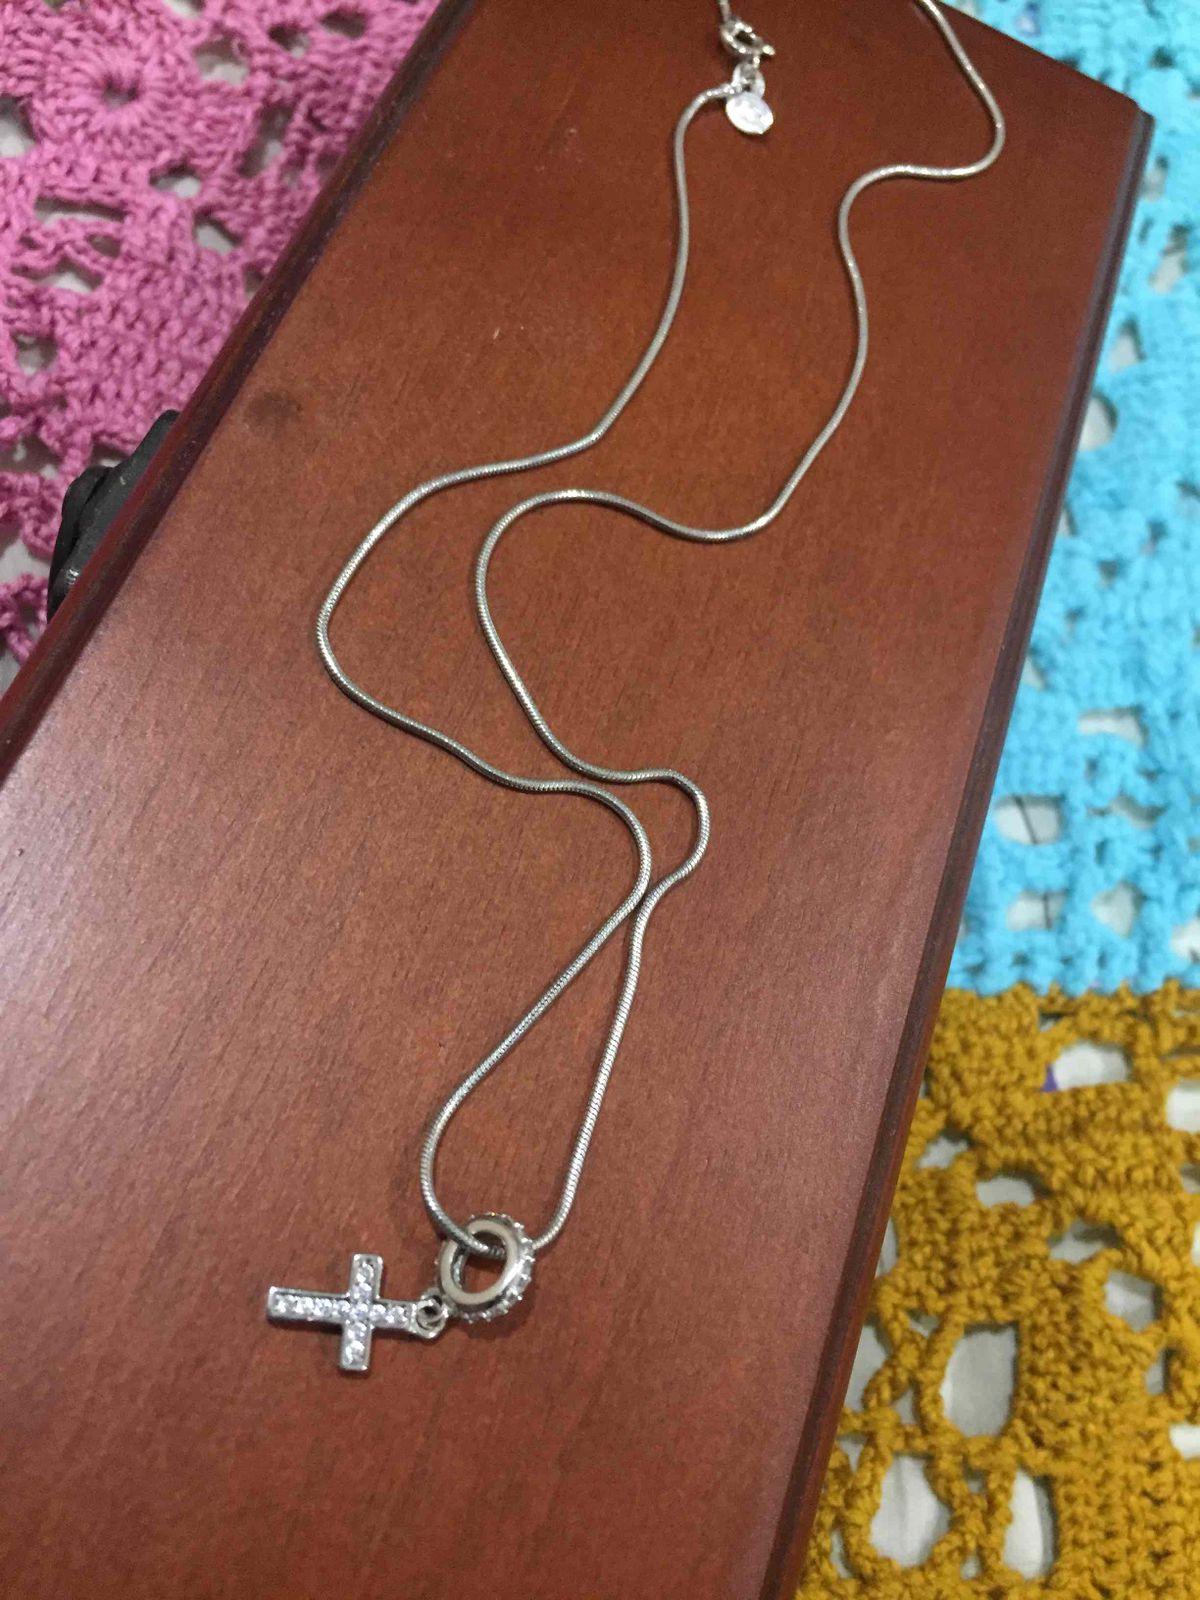 Долго искала себе серебрянный крестик - Sunlait как всегда выручил !!!!!!!!